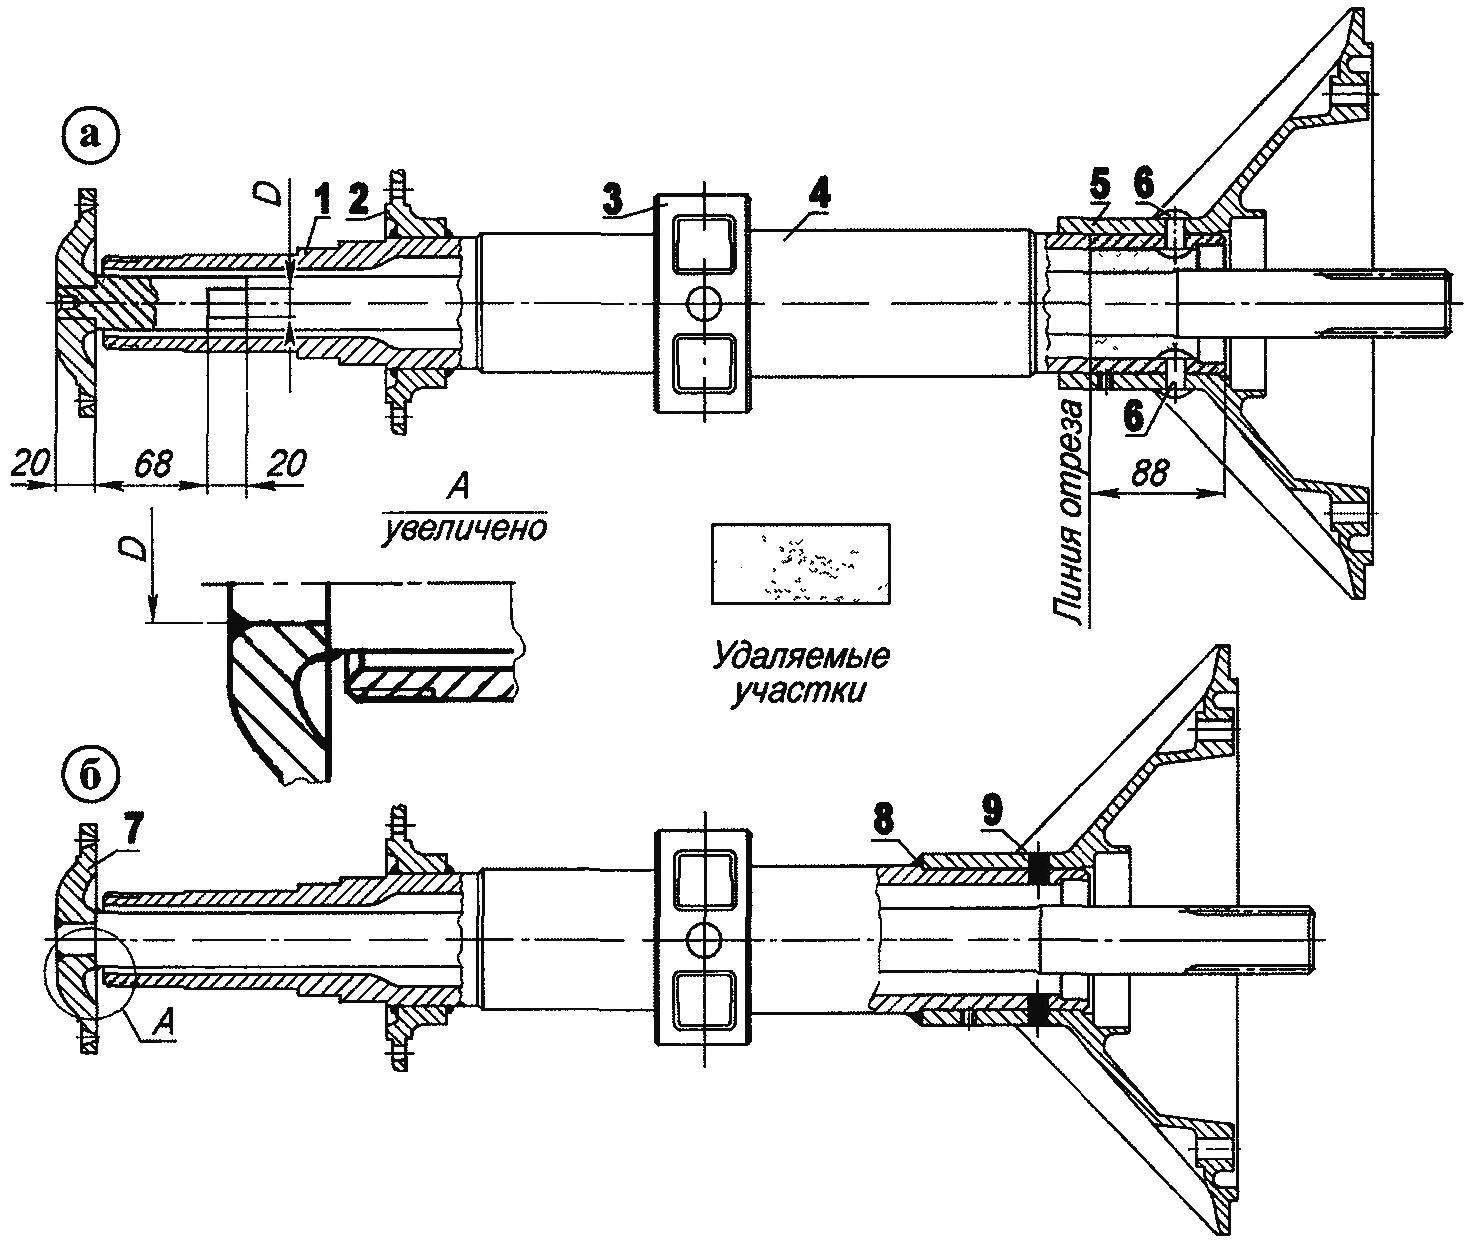 Переделка (укорочение) полуосей и «чулков» заднего моста грузовика ГАЗ-51 для сужения колеи задних колес «тракторомобиля»